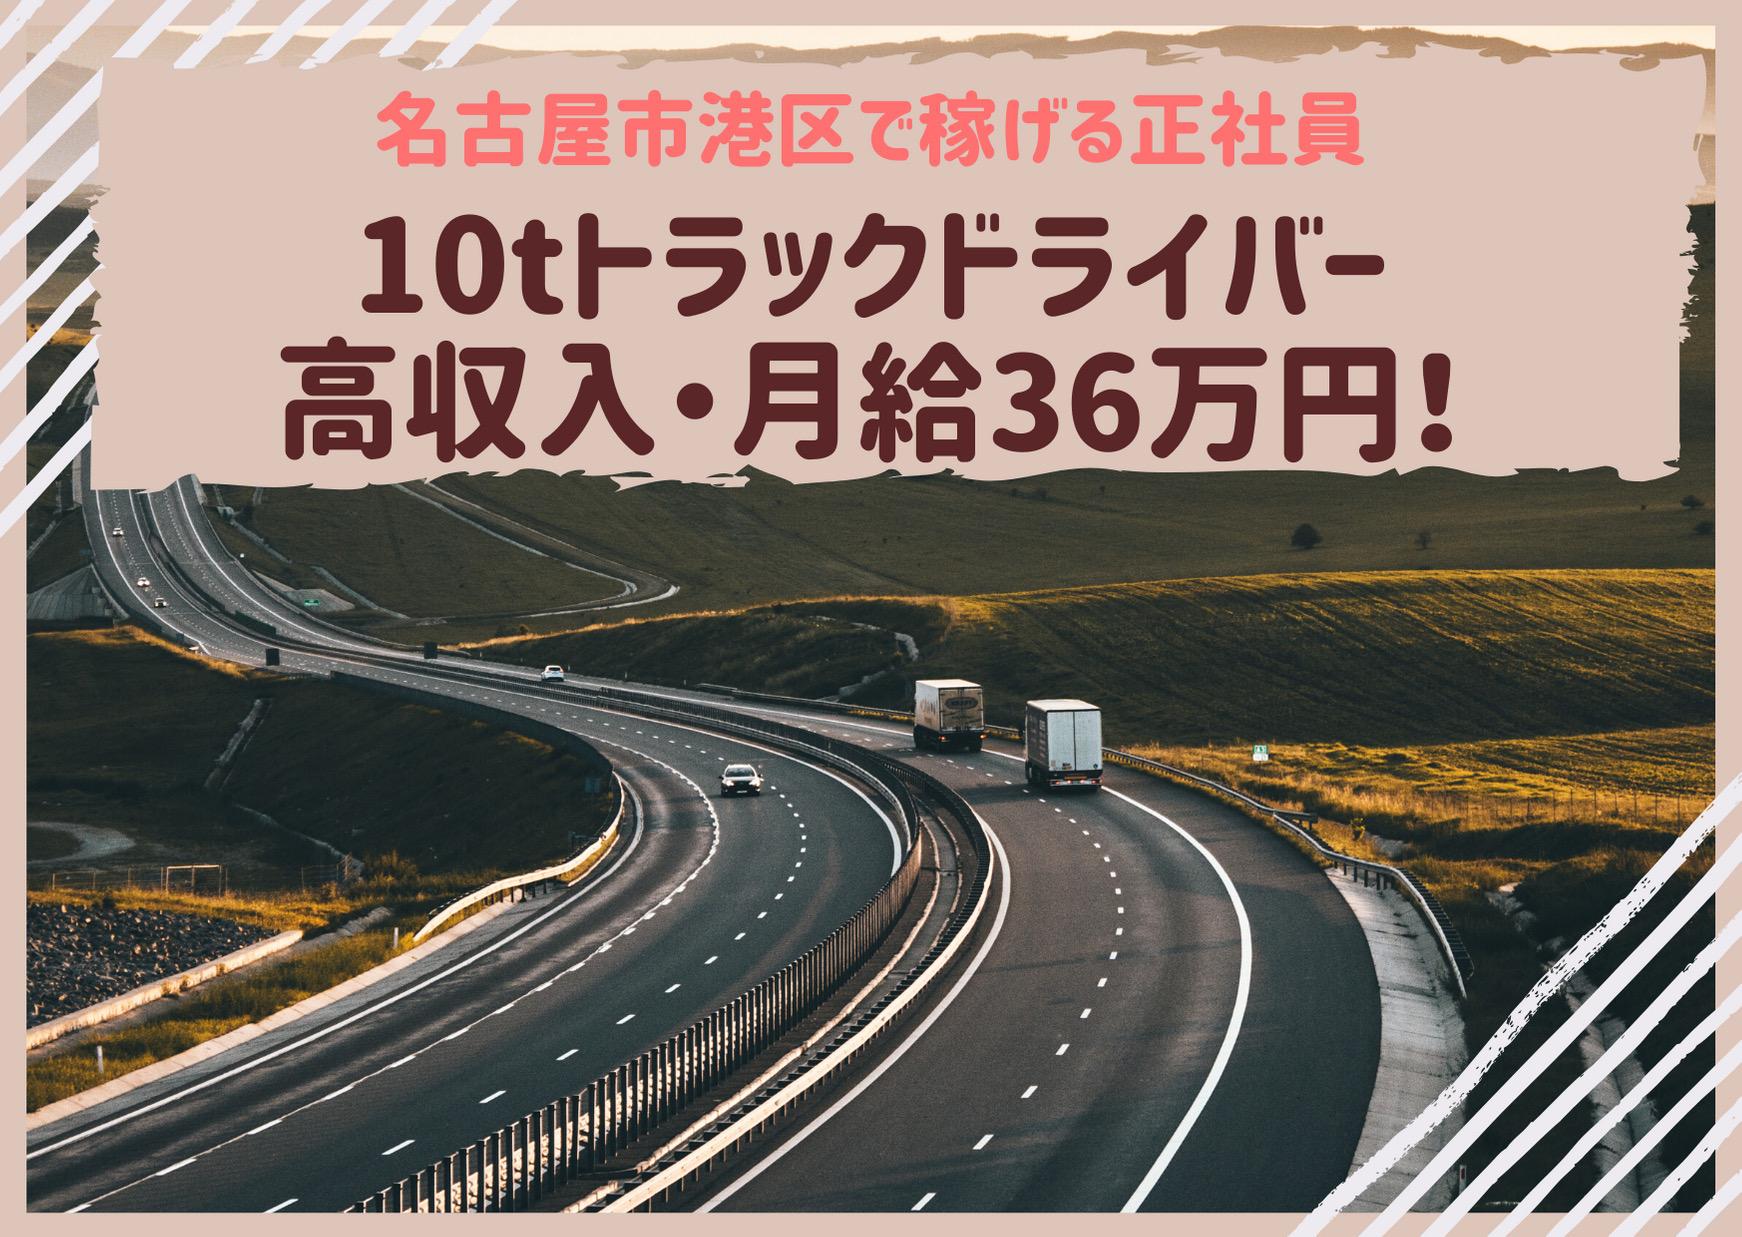 高収入!月給24万円~36万円『10tドライバー土曜日、日曜日、祝日休み』 イメージ